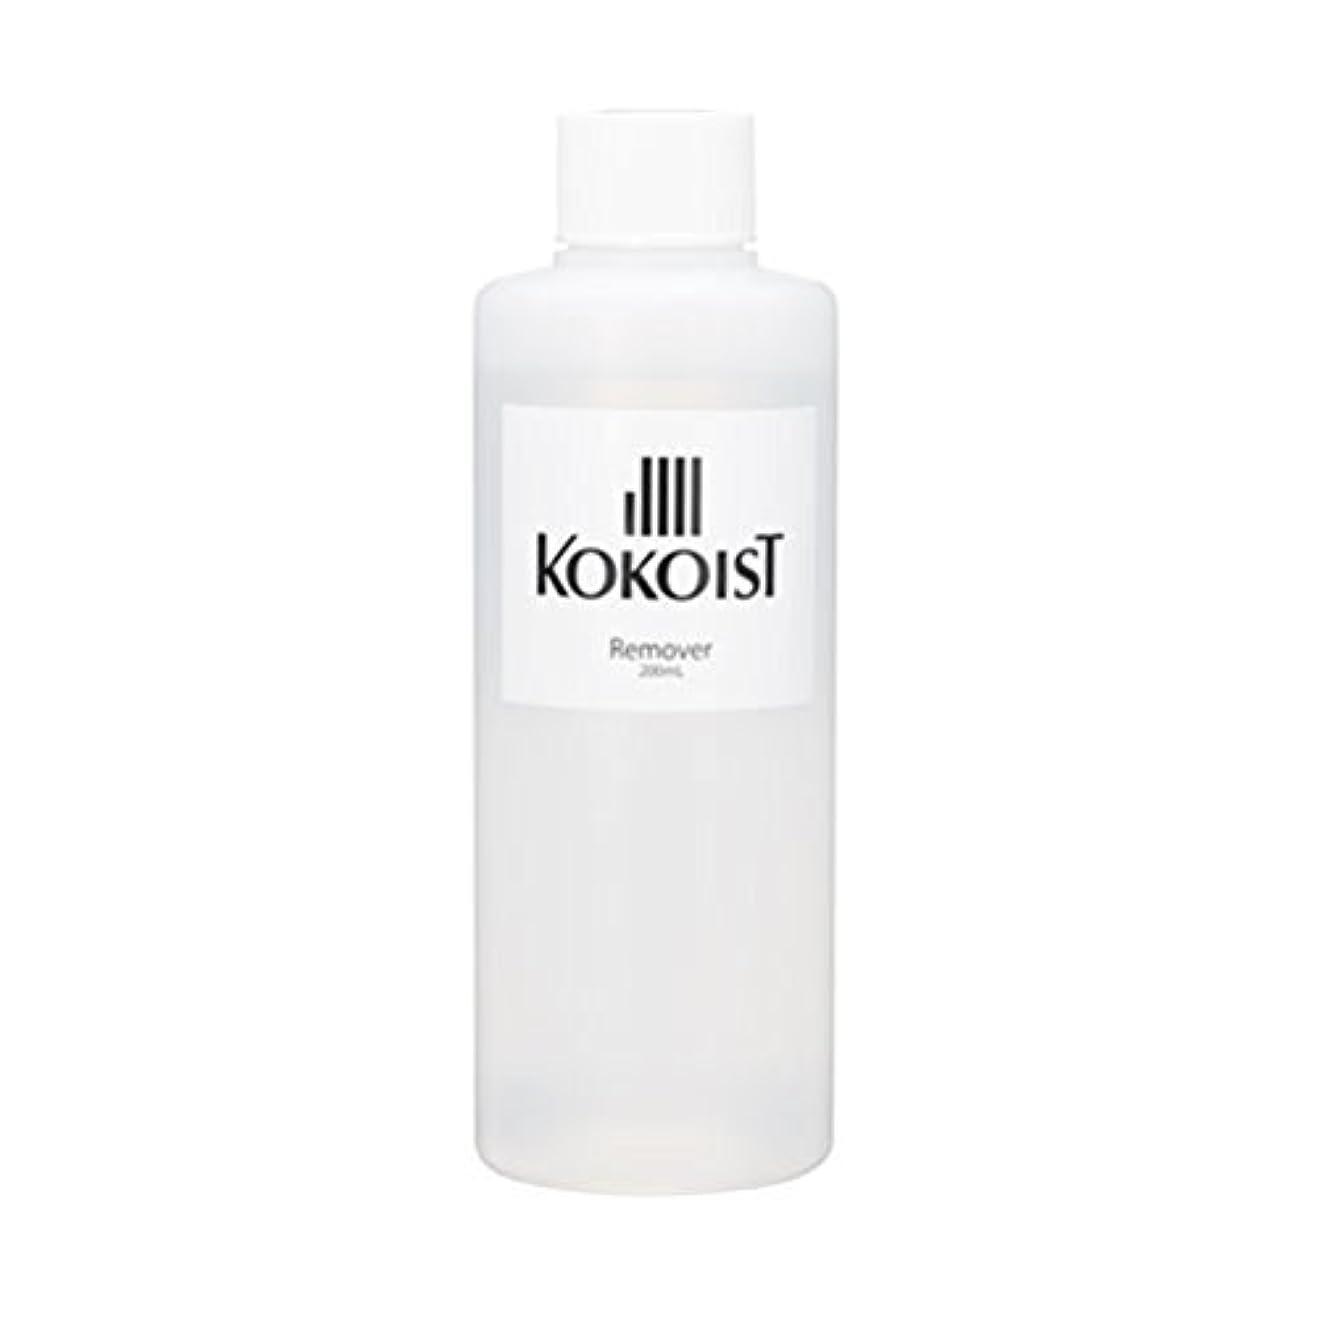 幻影ジャンル辞任するKOKOIST(ココイスト) リムーバー 200ml